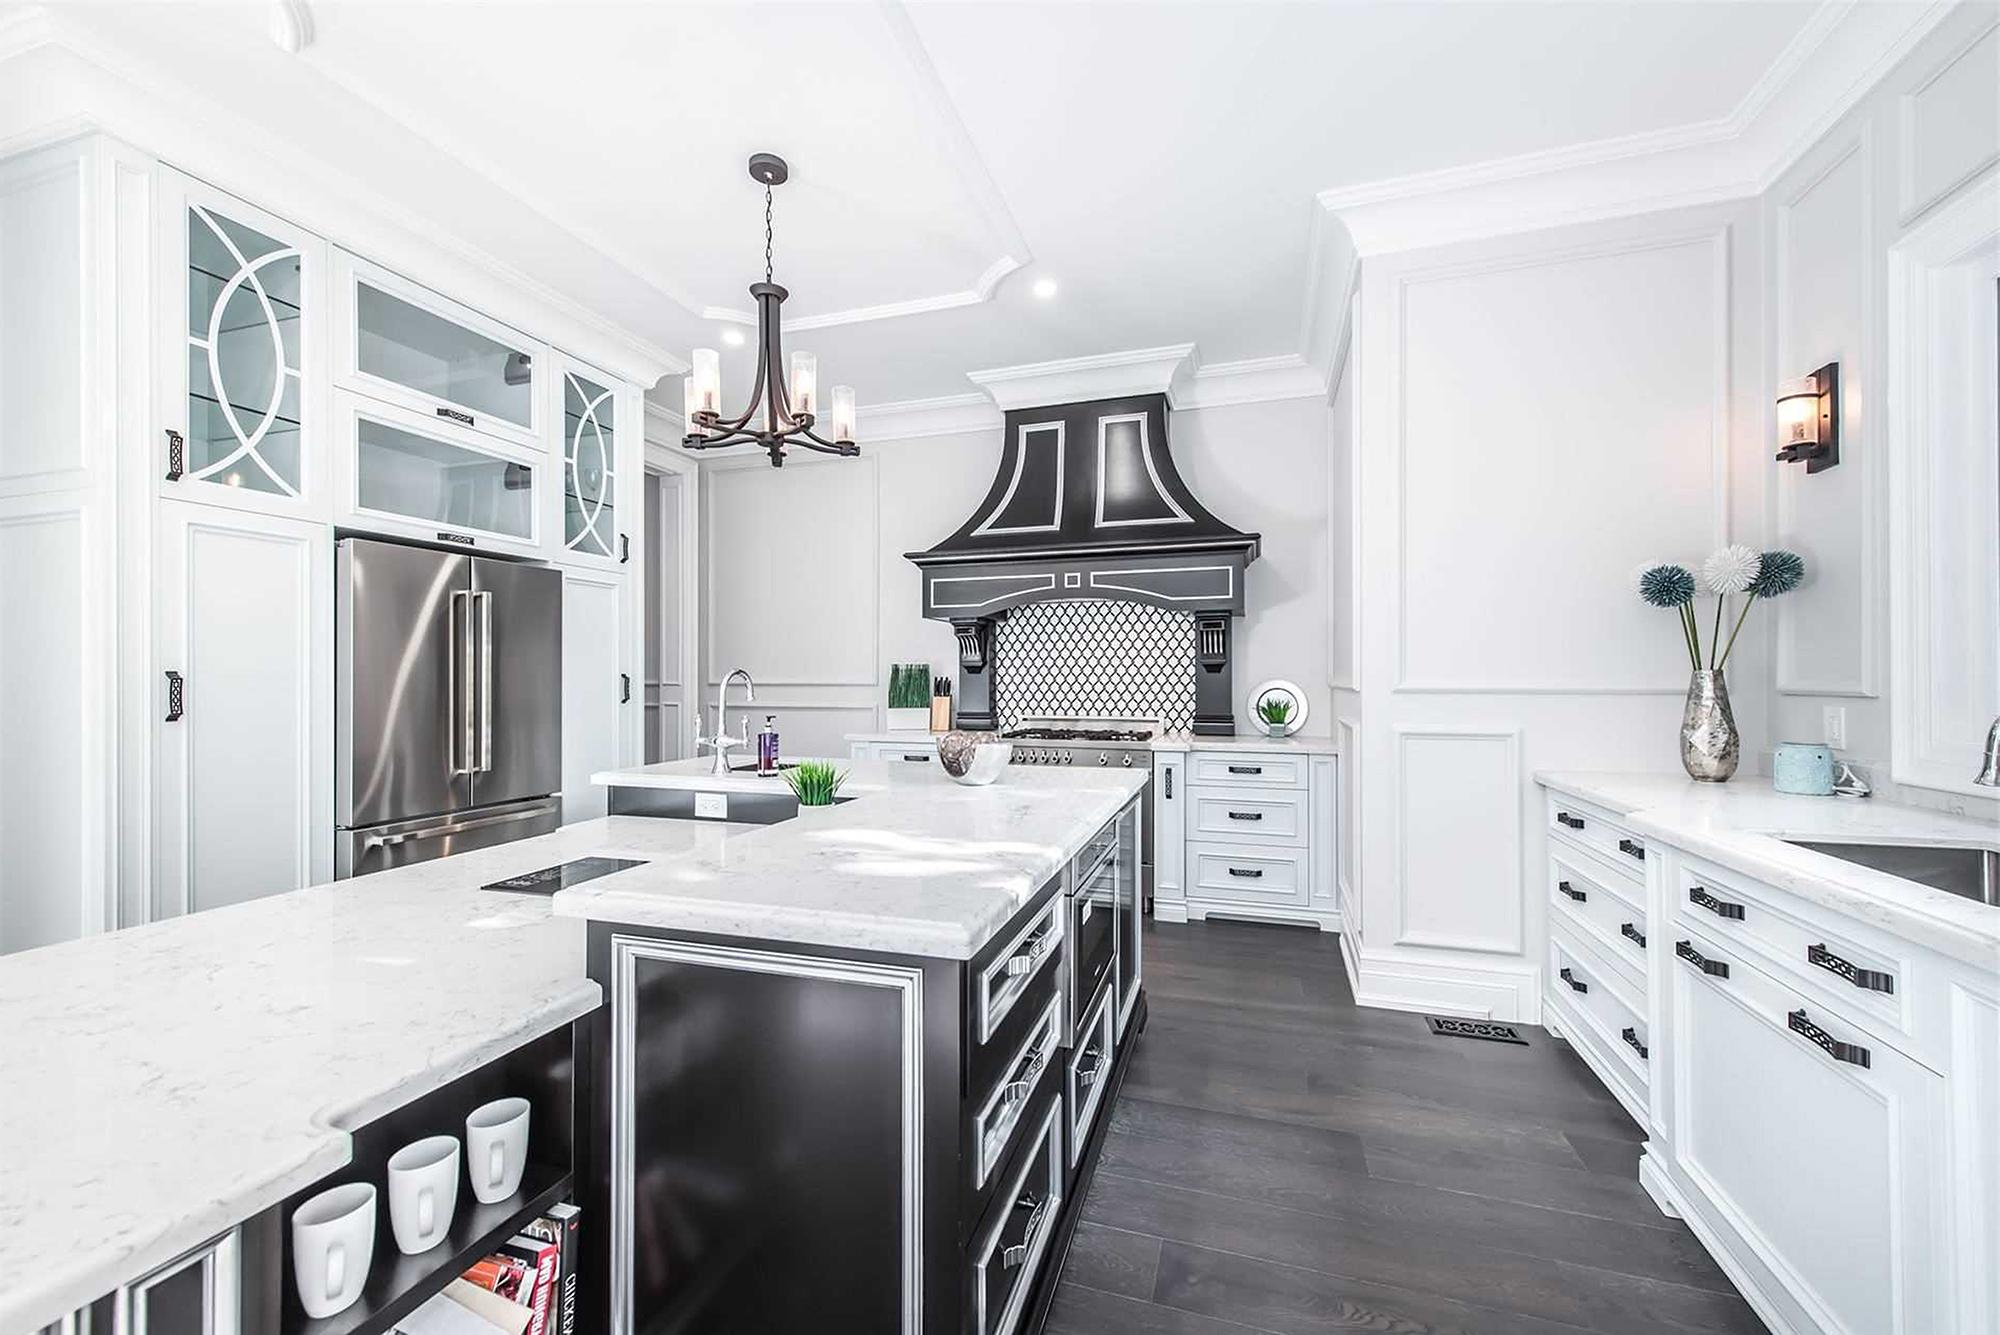 简欧风格别墅厨房装修效果图